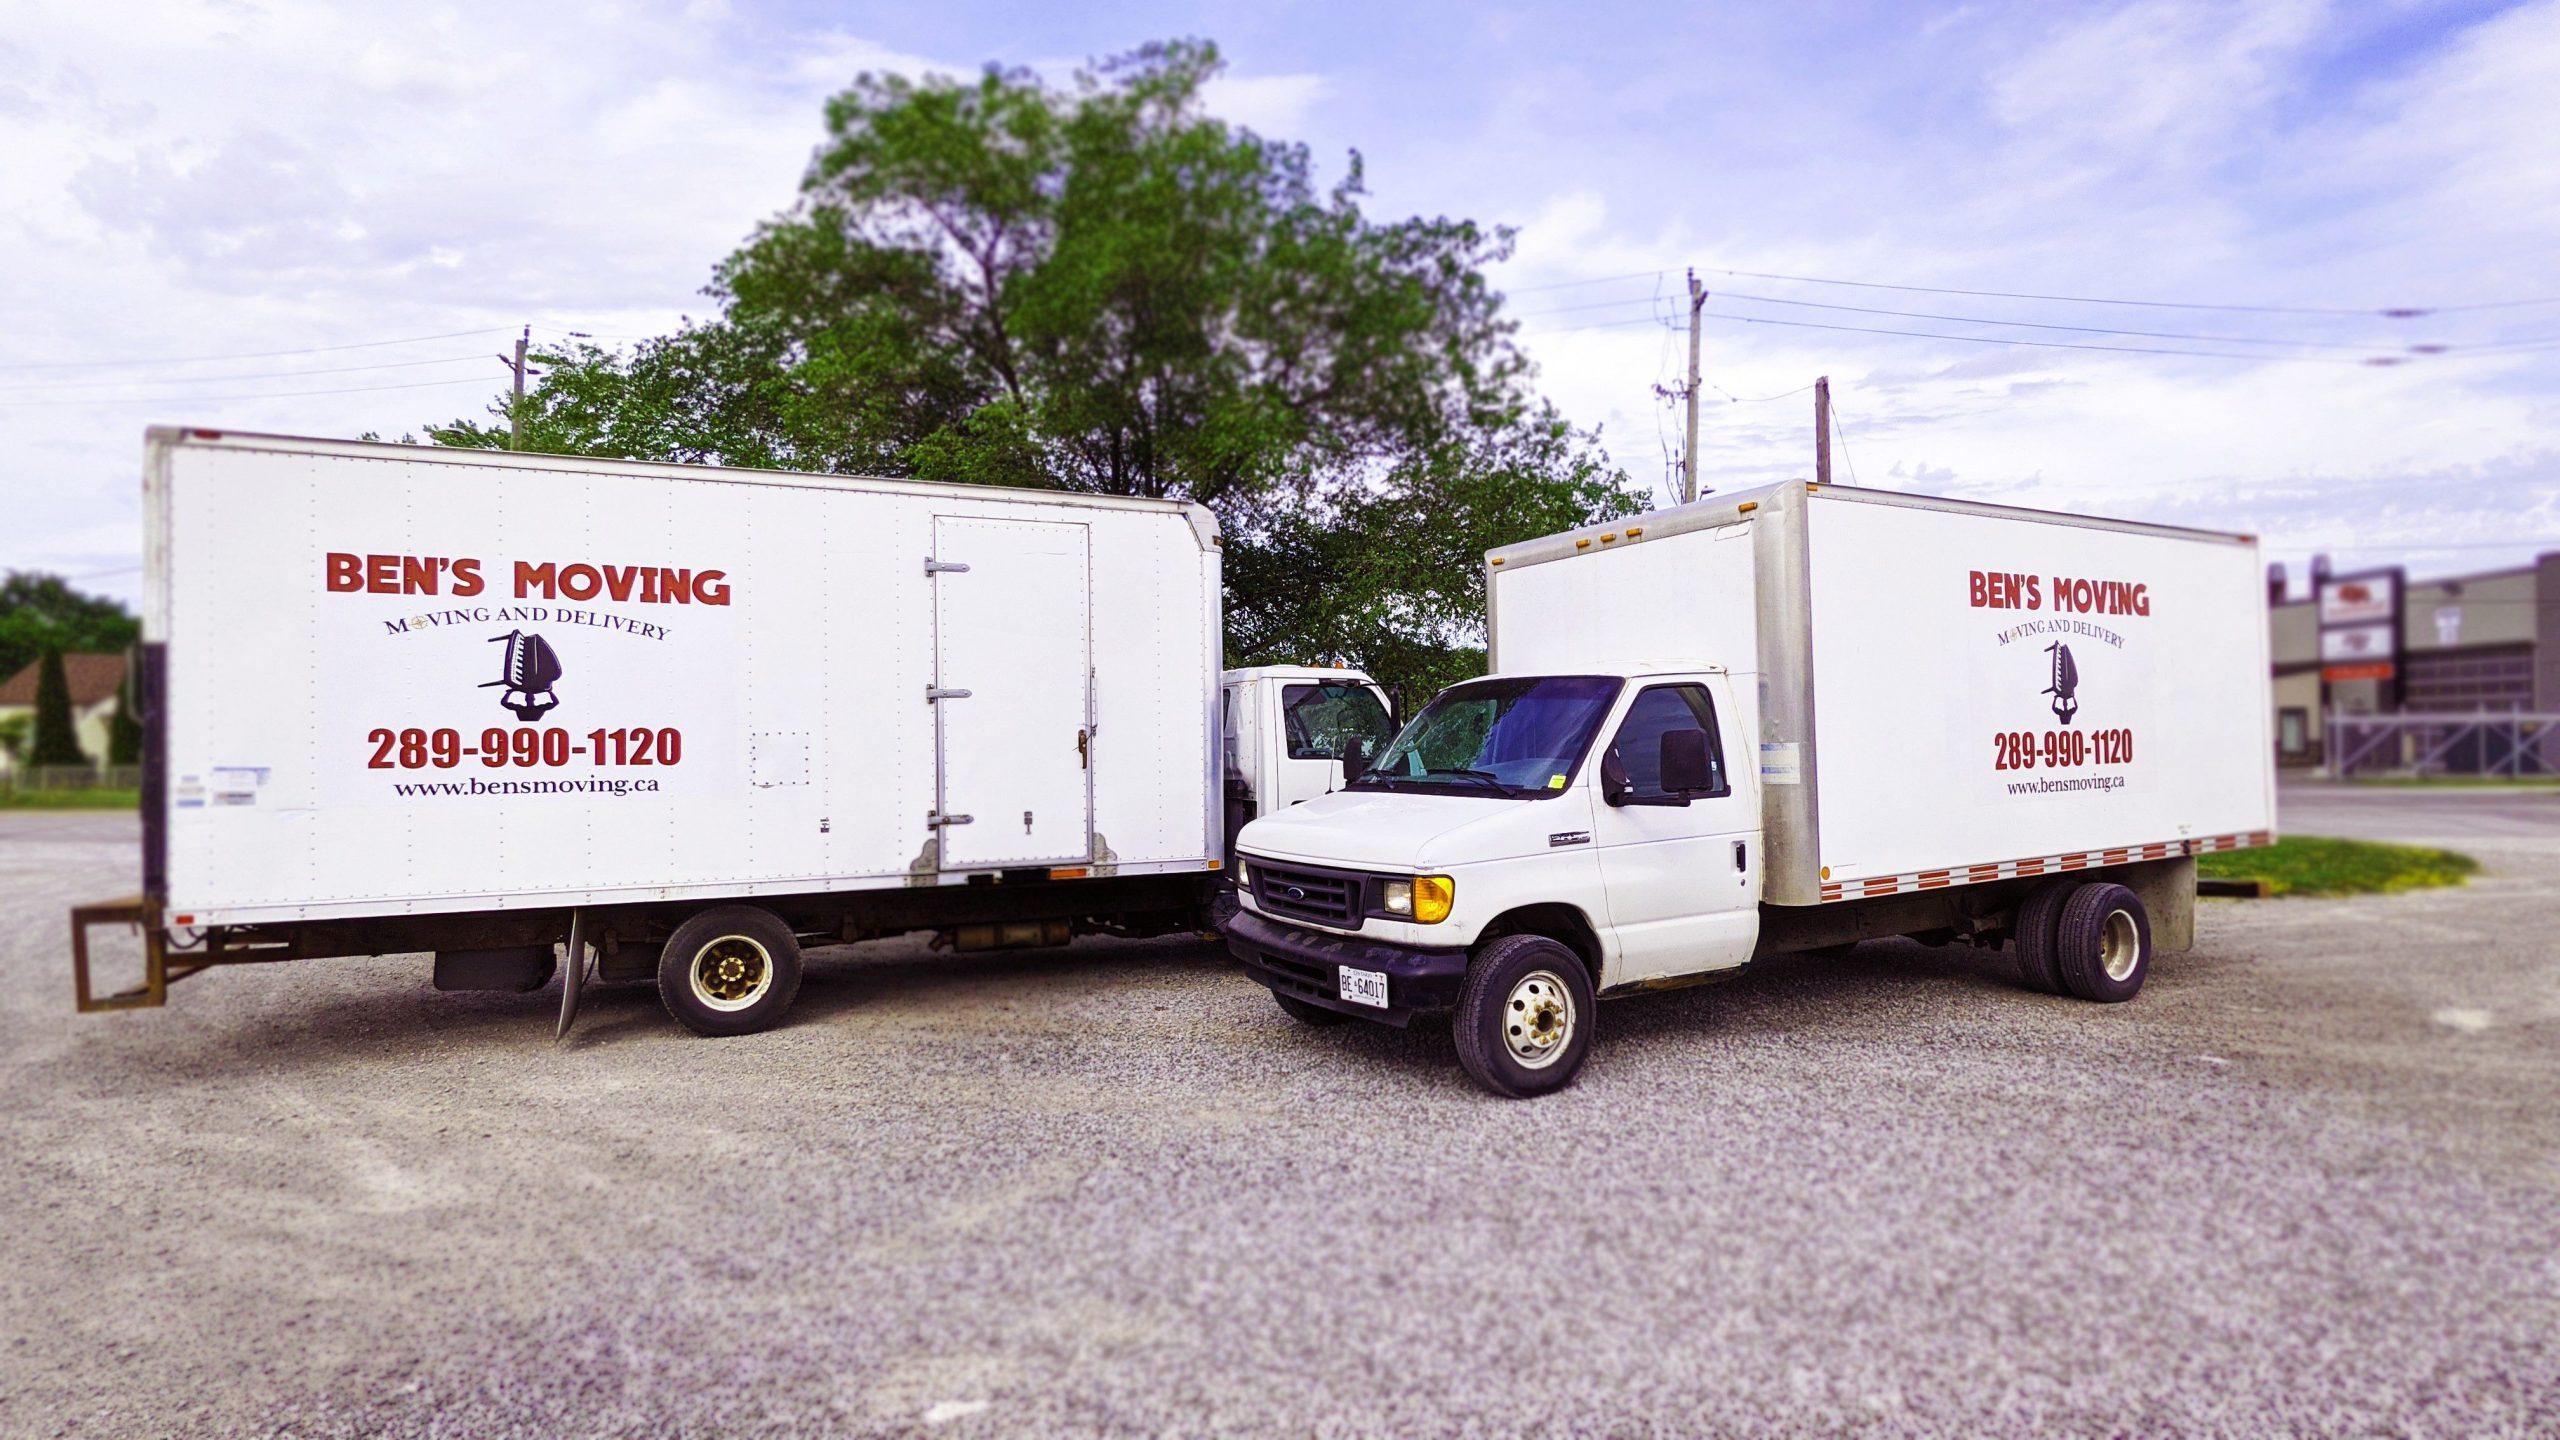 Bens Moving